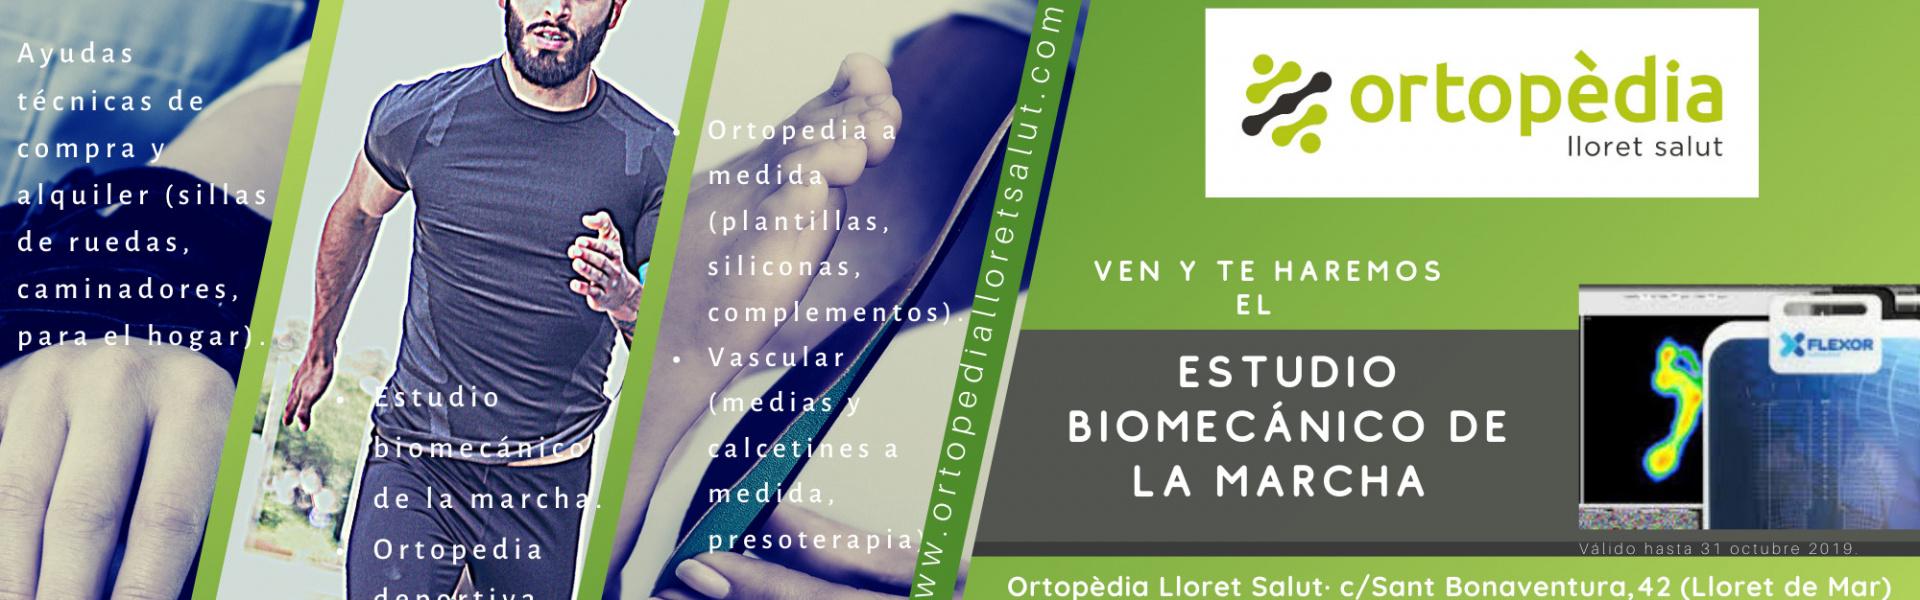 Estudi biomecànic de la marxa